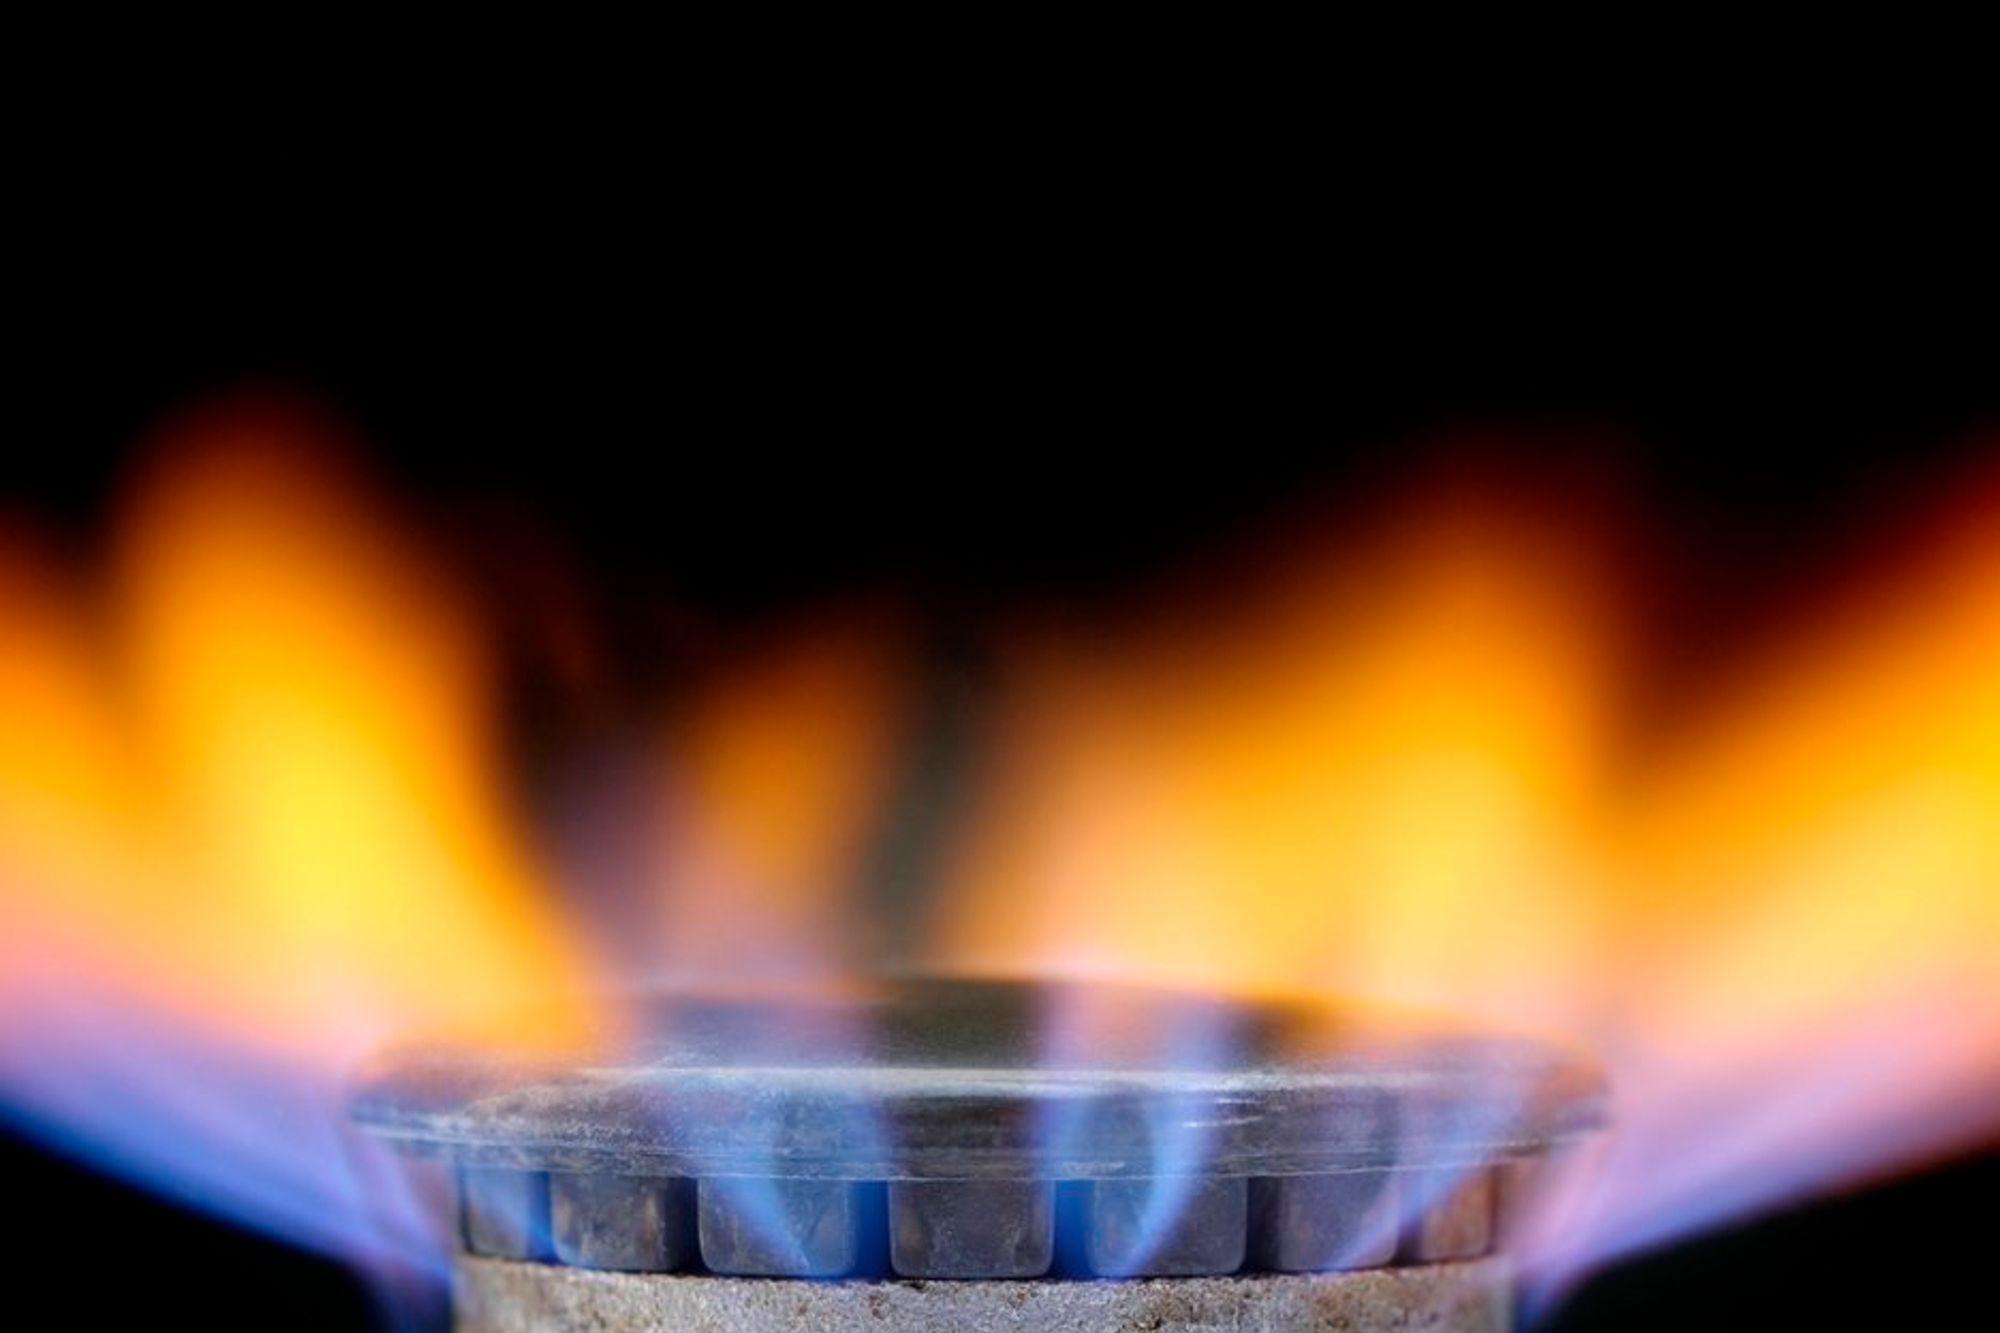 SATSER: Drammen Gassverk skal  være klar til å levere gass til markedet i løpet av 2010.